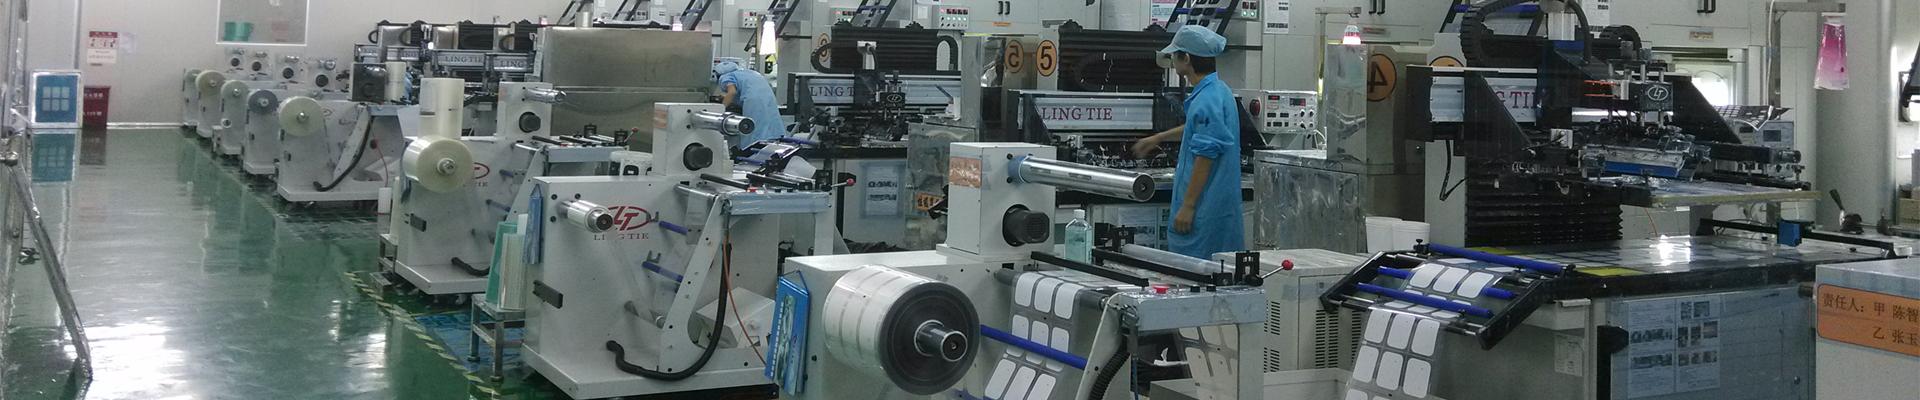 菱铁(厦门)机械有限公司